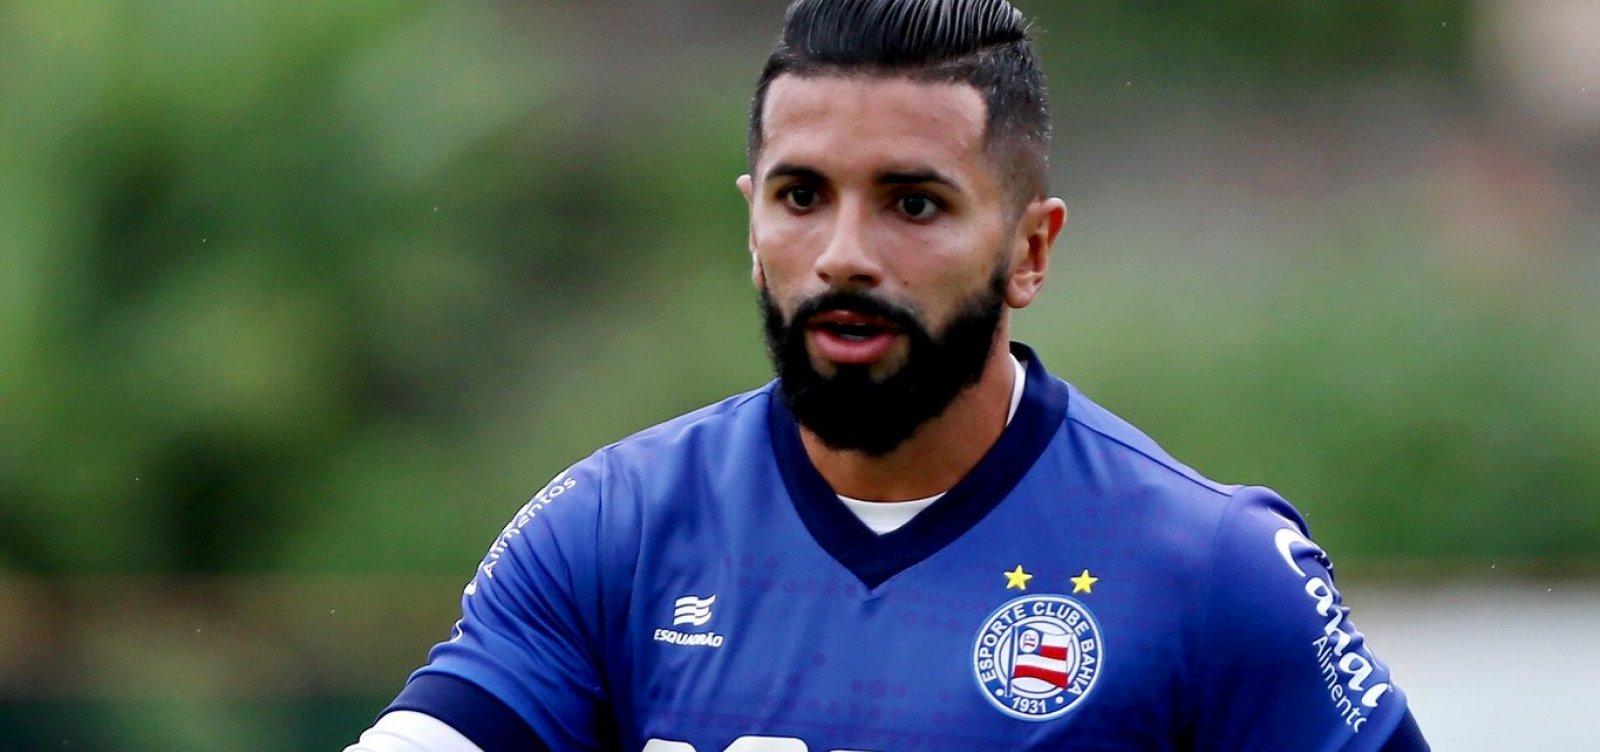 [Após 'veto', Guilherme pode ganhar nova chance no Bahia]